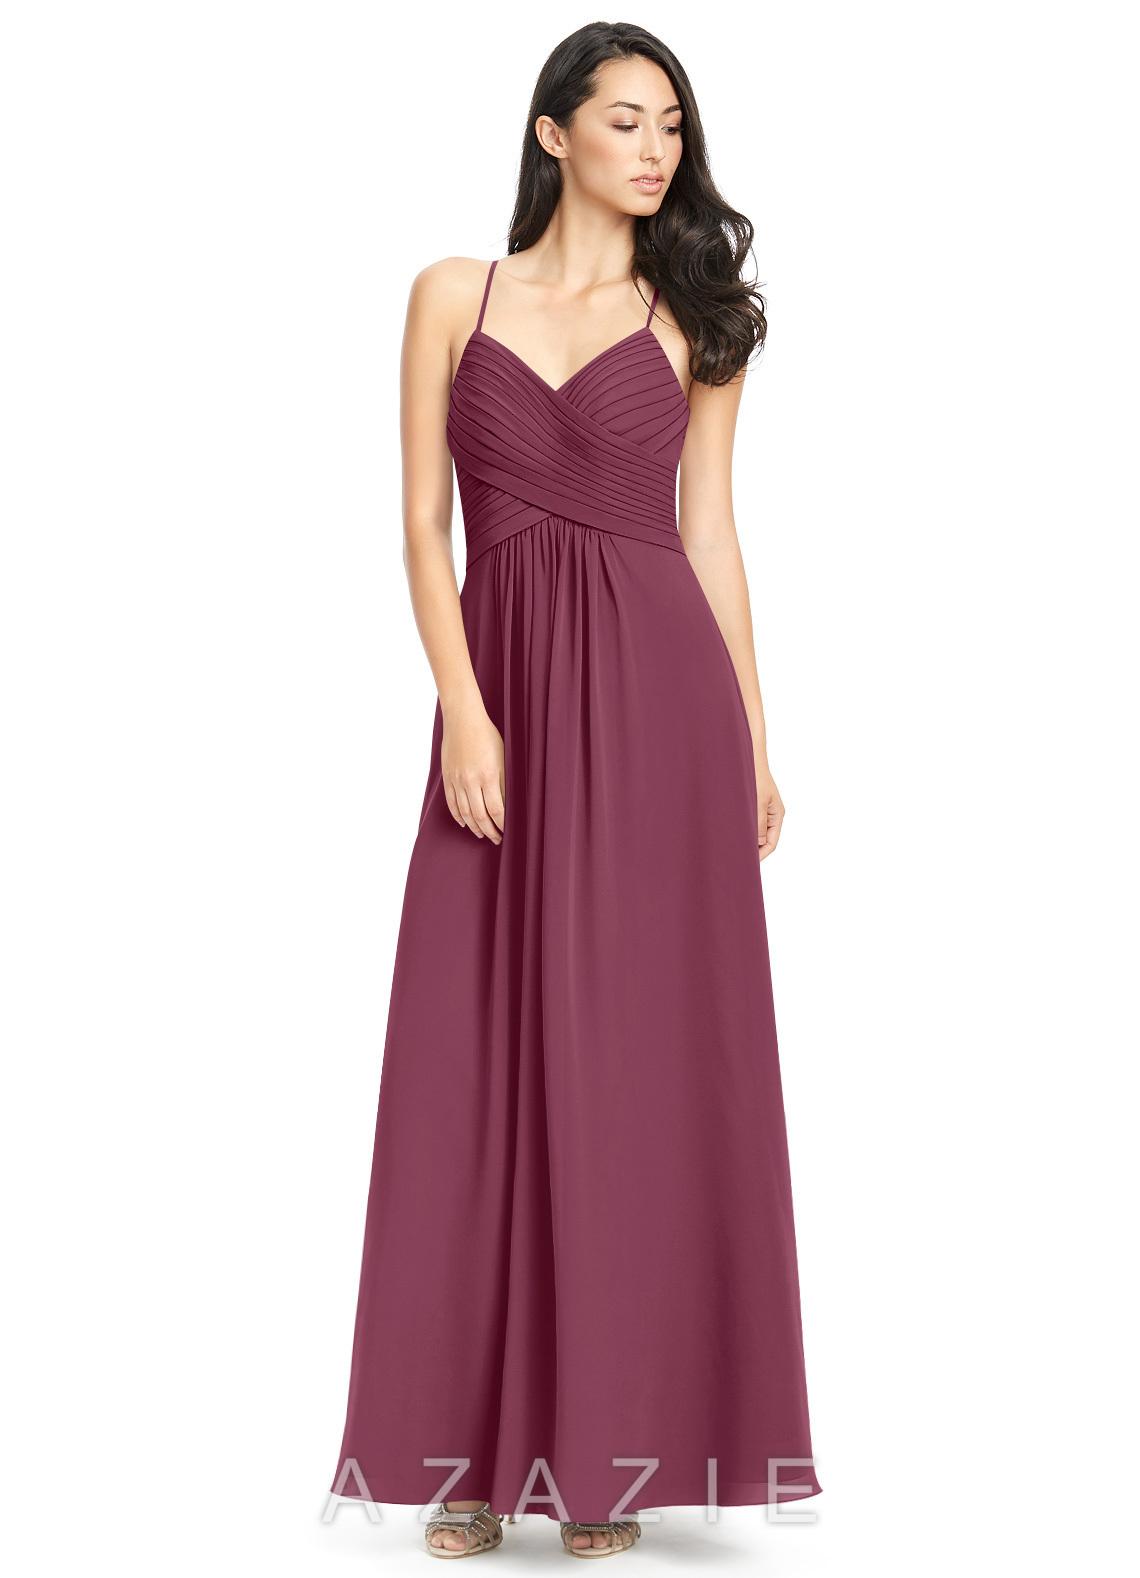 9bbb73d799b Azazie Haleigh Bridesmaid Dress - Mulberry